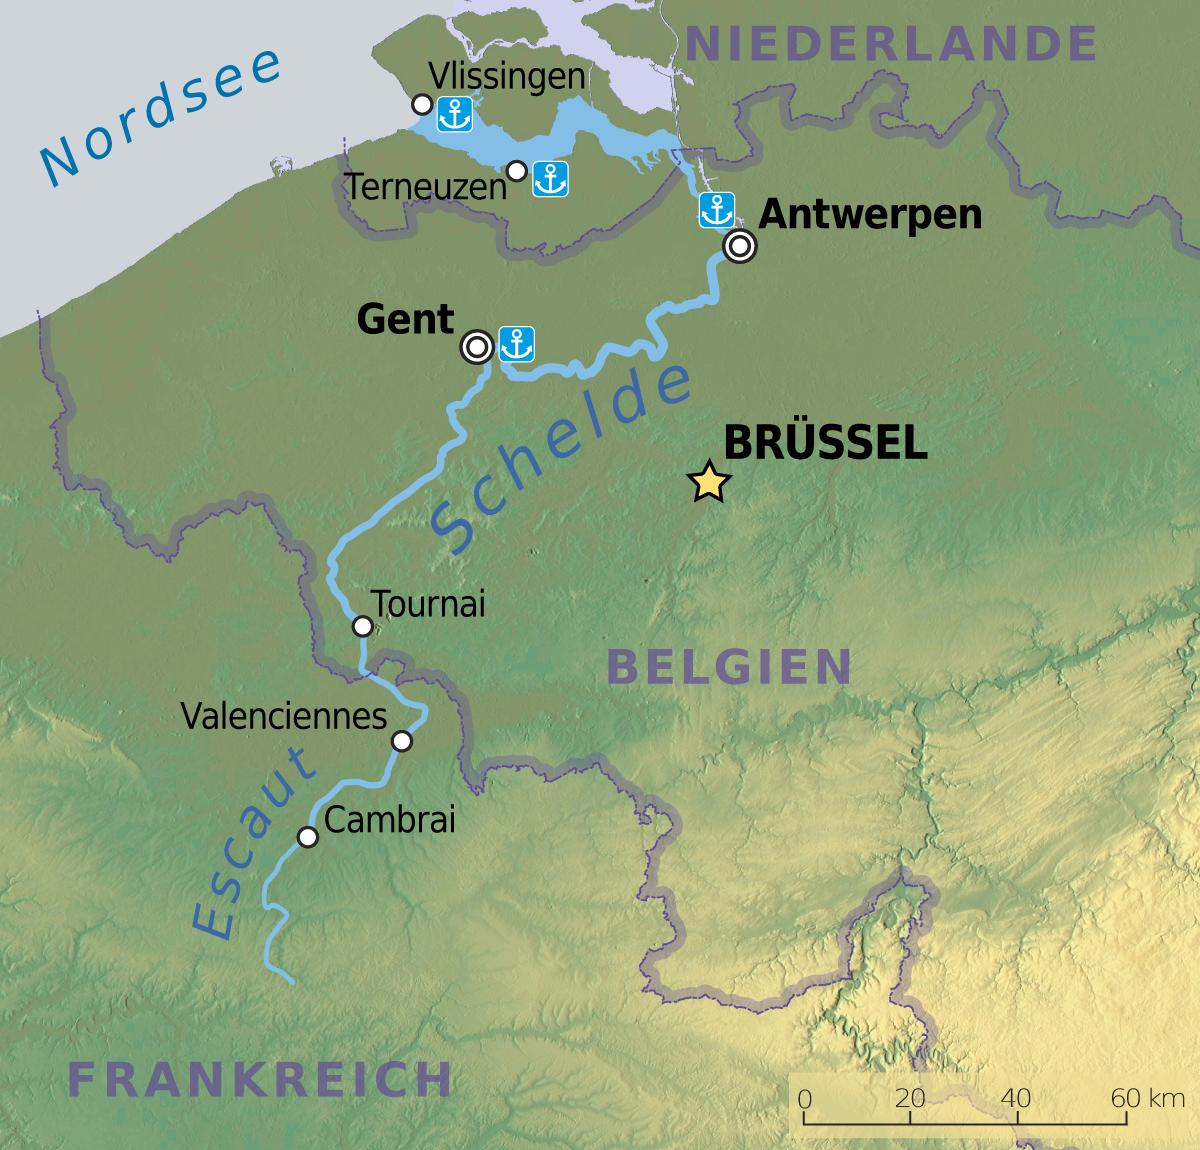 Les Plus Grand Villes De Belgique